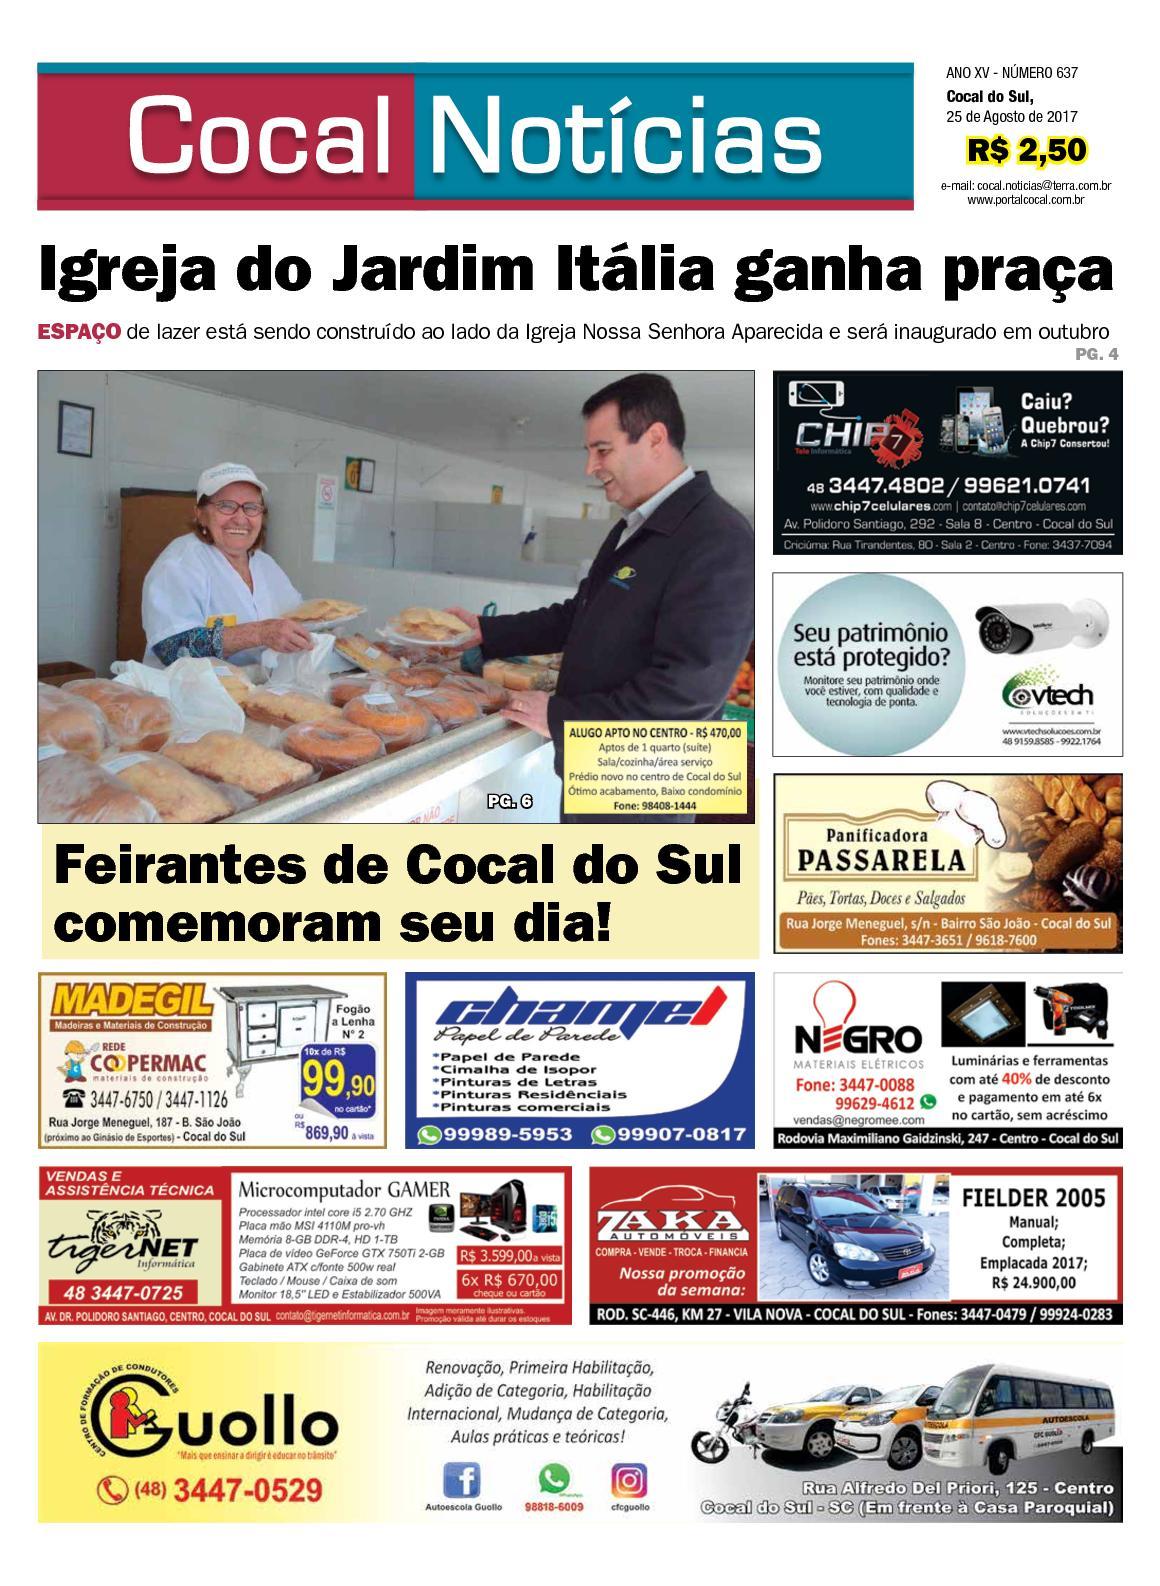 COCAL NOTÍCIAS ON LINE 25-08-2017 www.portalcocal.com.br